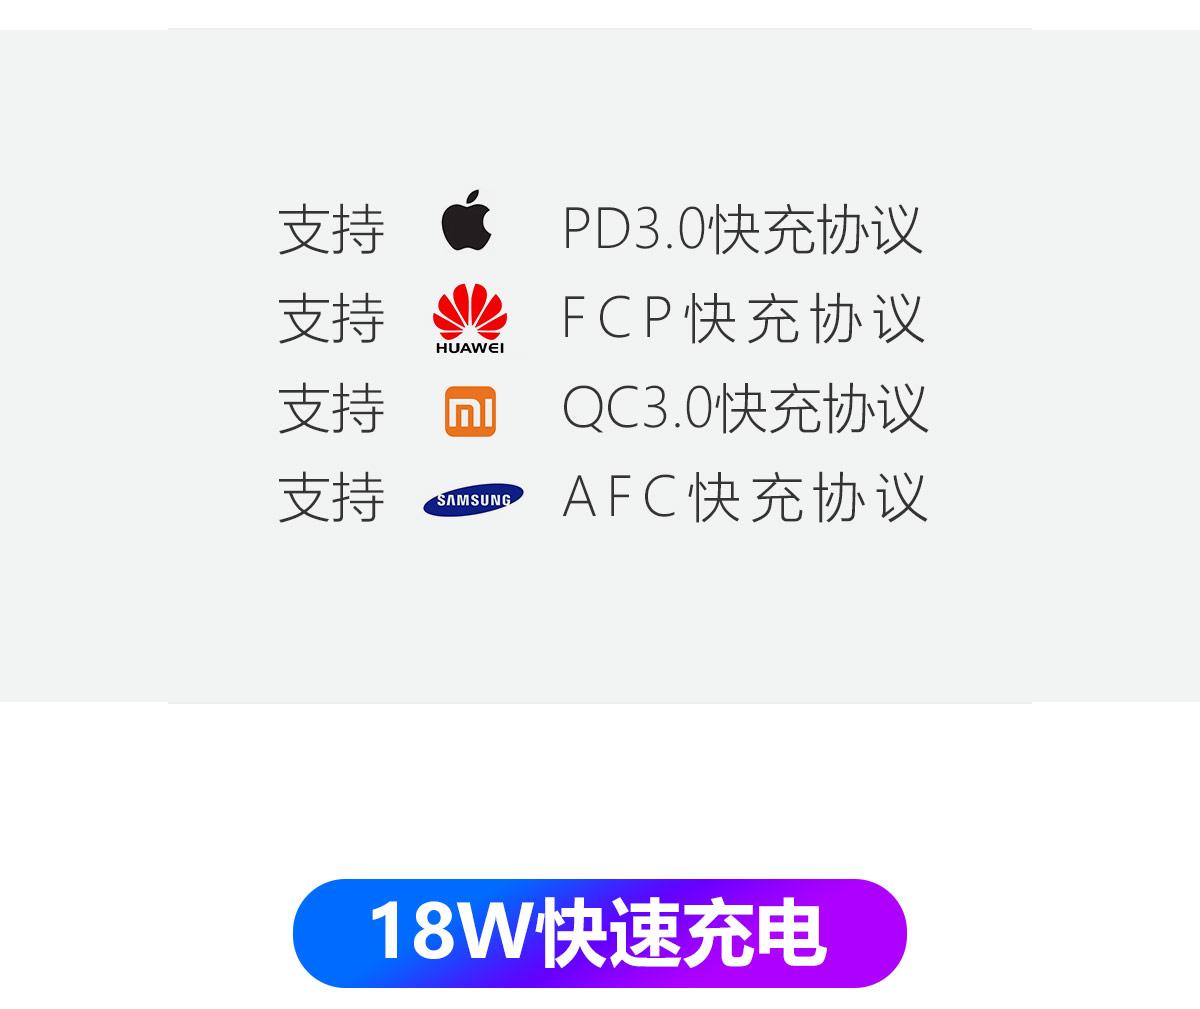 支持 PD3.0快充协议 FCP快充协议 QC3.0快充协议 AFC快充协议